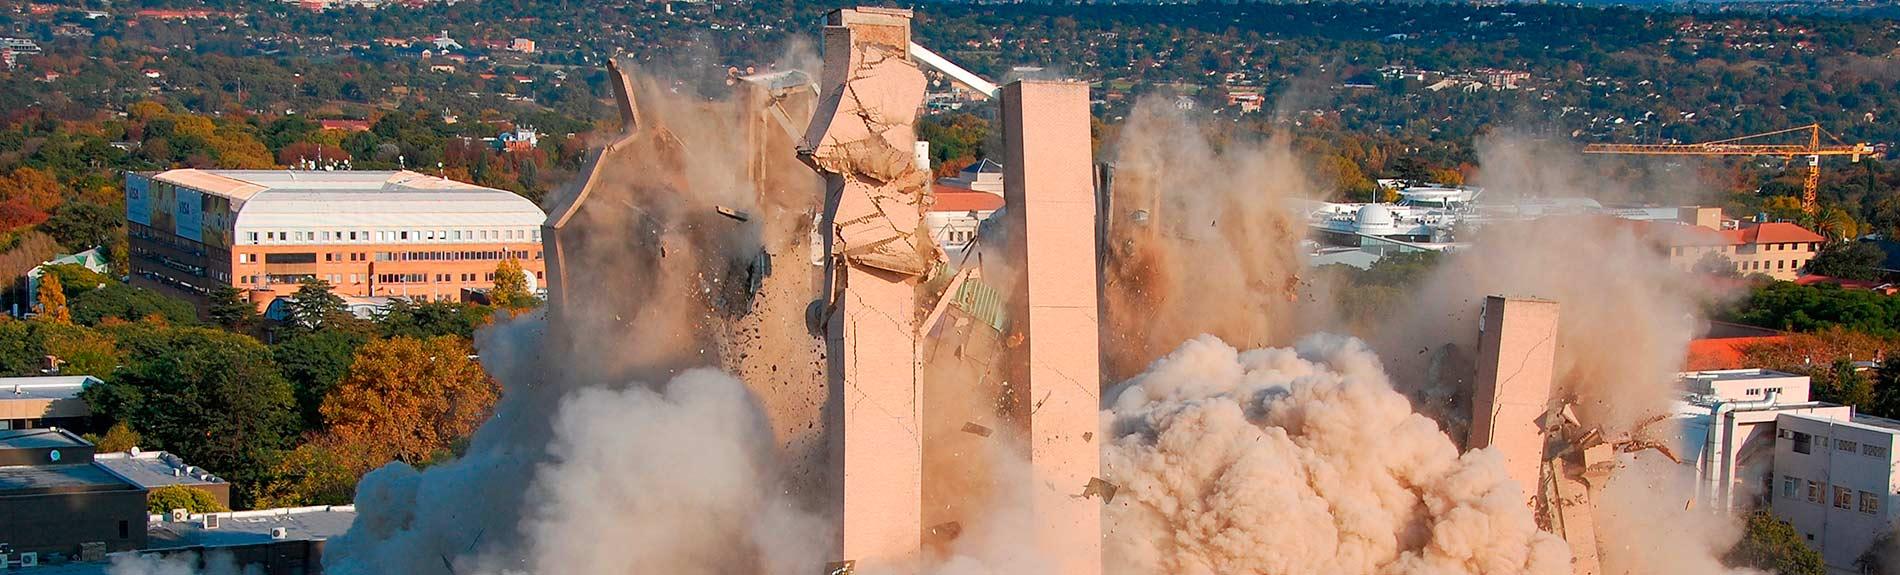 banner-demolicion-calidad